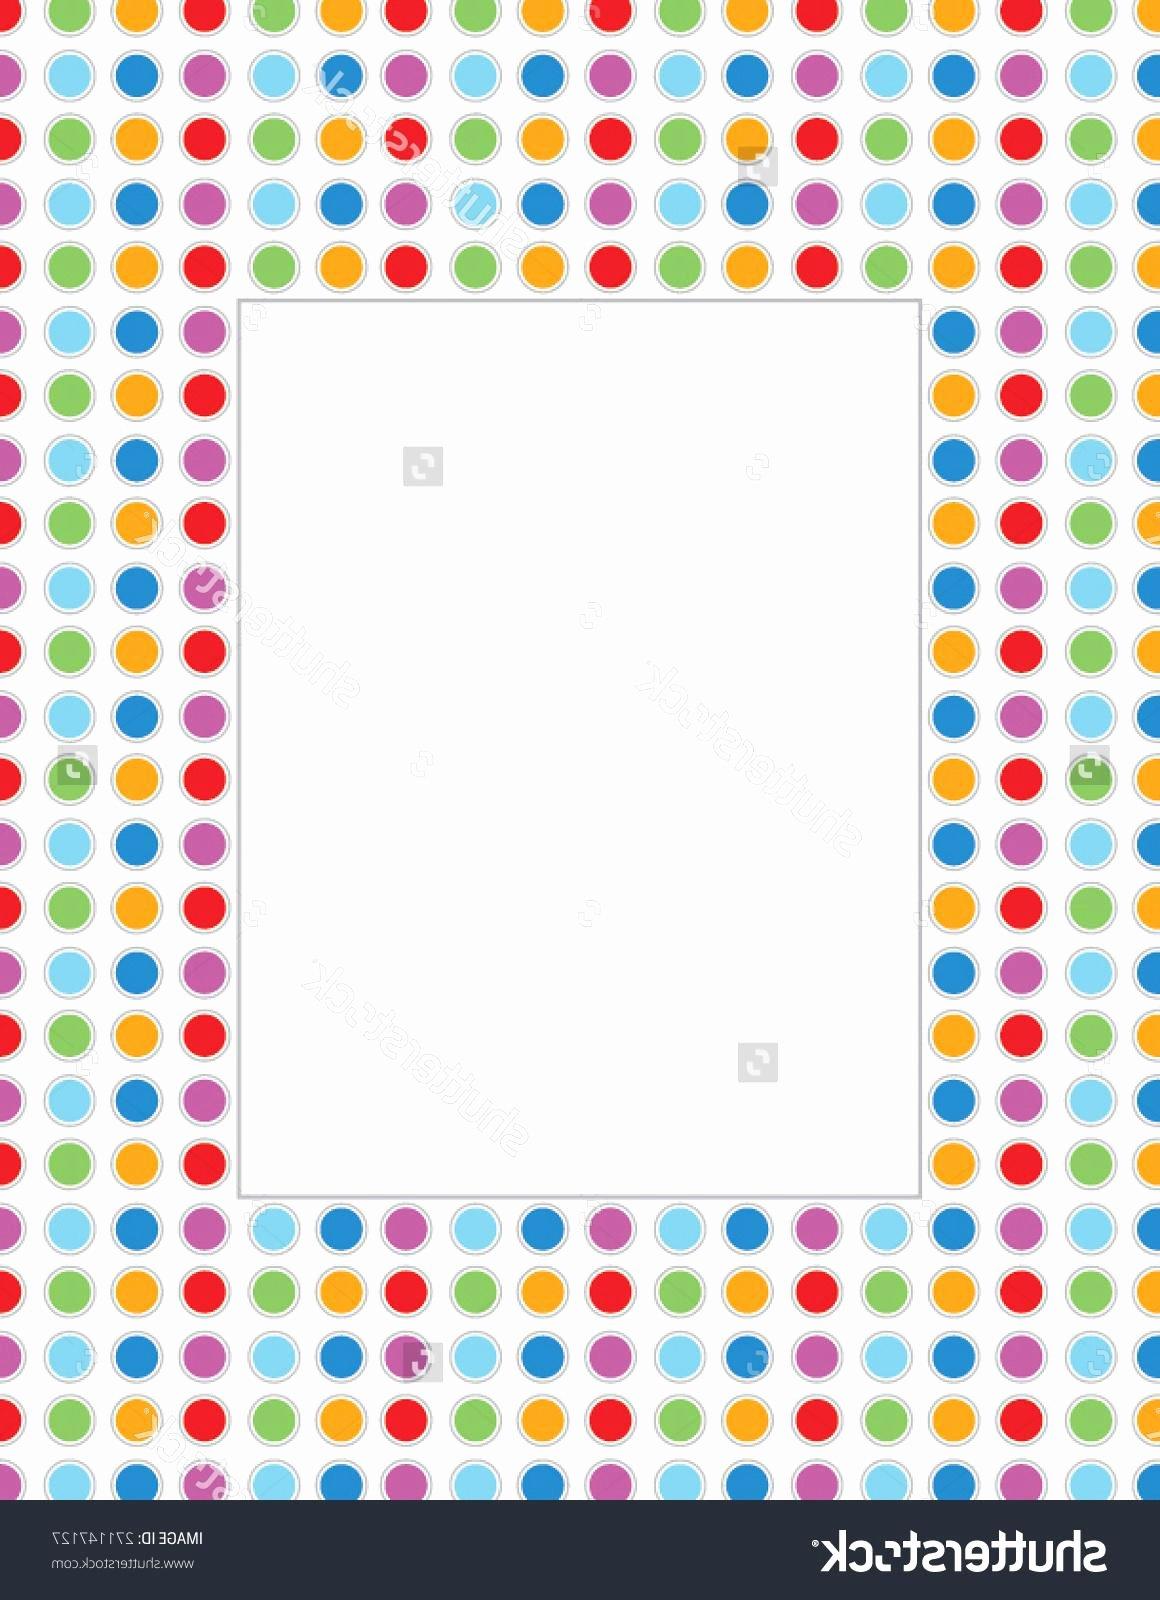 Polka Dot Invitation Template Lovely Best Stock Vector Polka Dot Invitation Template and Frame